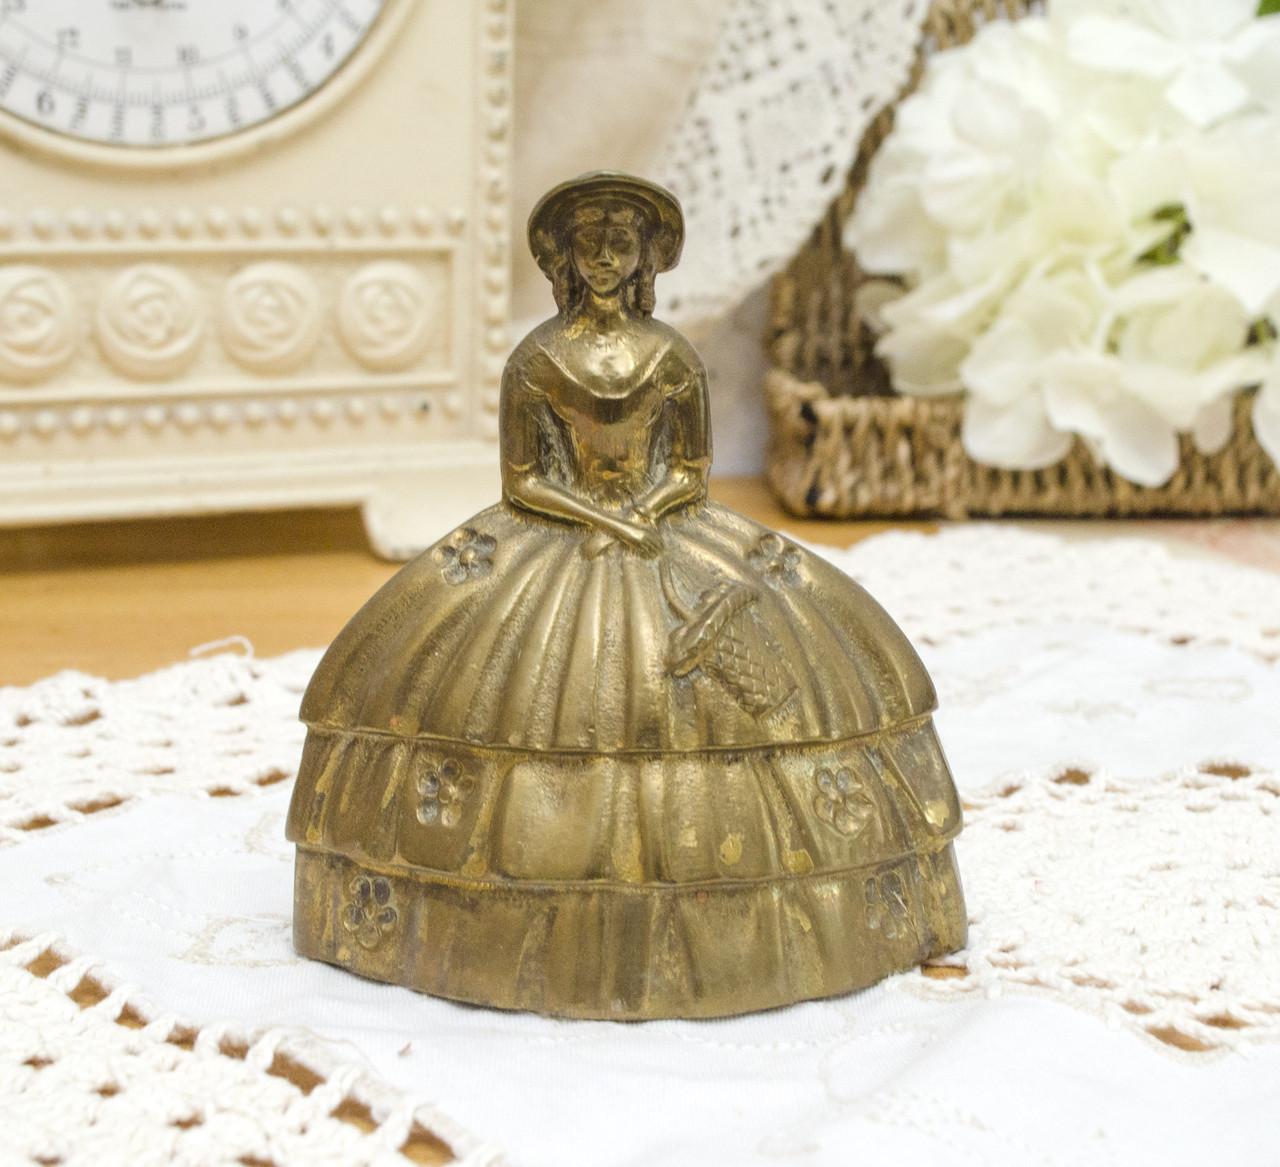 Коллекционный бронзовый колокольчик, Кринолиновая леди, бронза, Англия